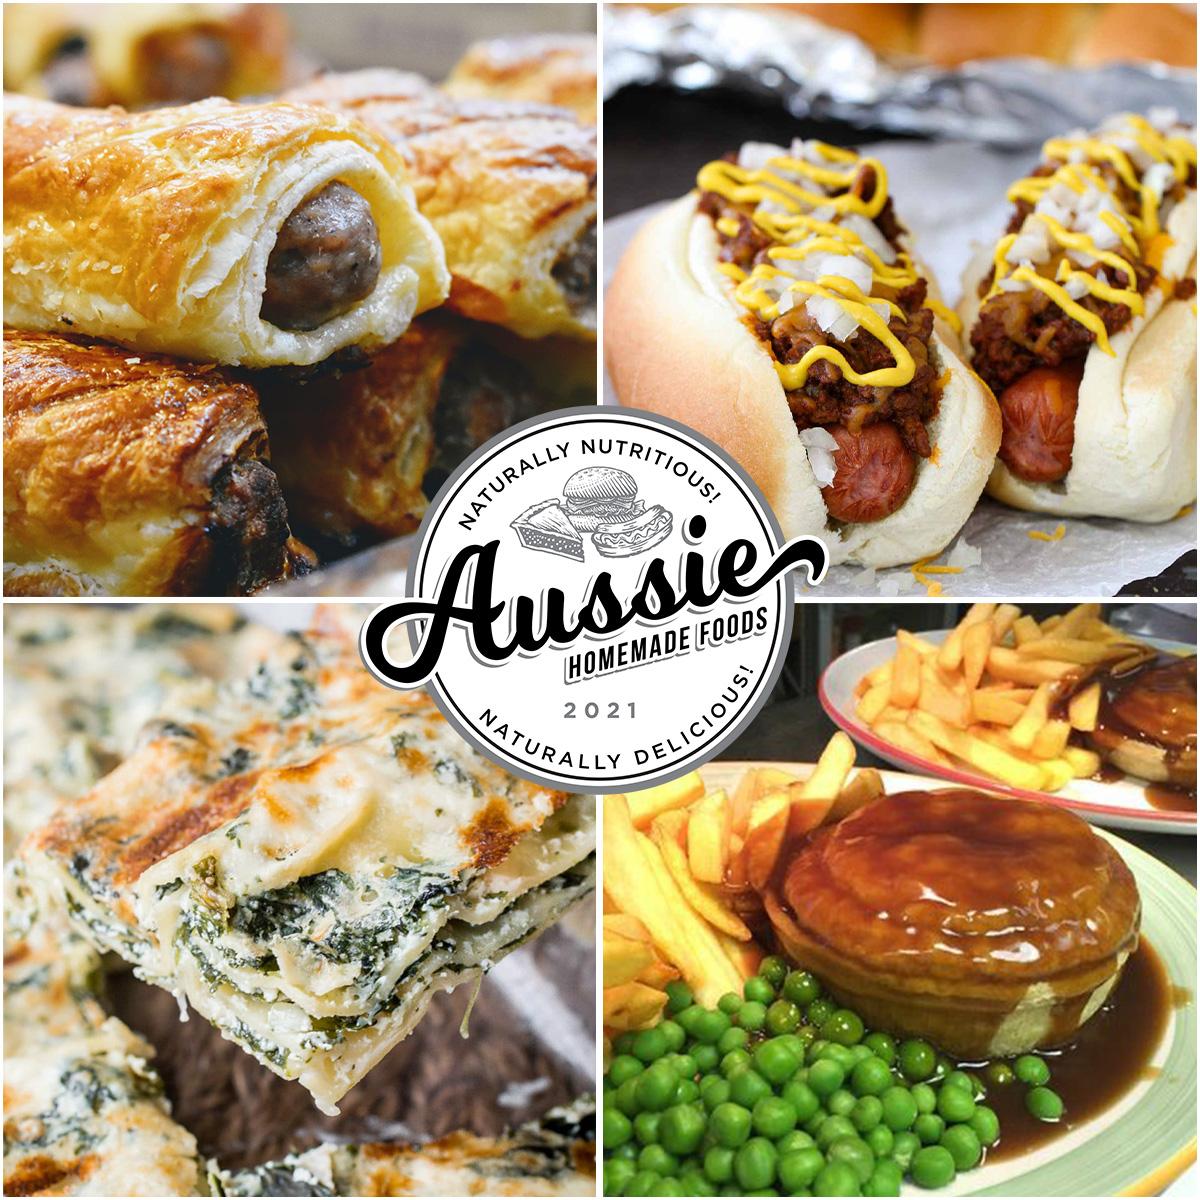 Aussie Homemade Foods